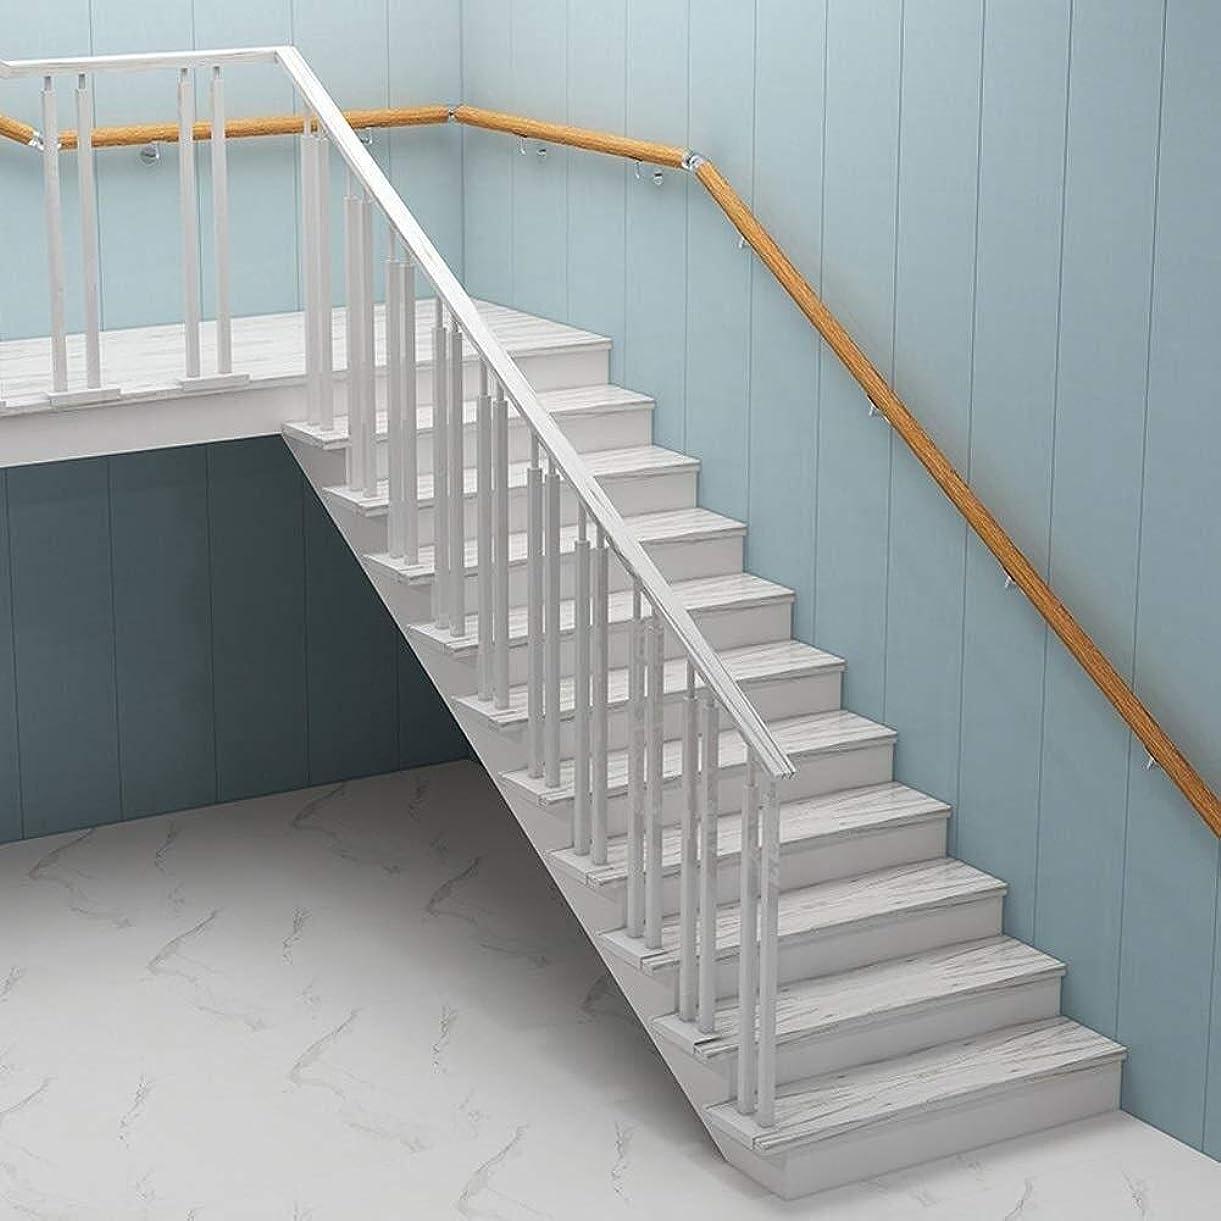 寛大な目的マトロン階段手すりステンレス鋼ブラケット付き木製階段手すりホームロフト廊下用手すり階段手すり手すりレール屋内屋外サポート滑り止め手すり(サイズ:220cm)